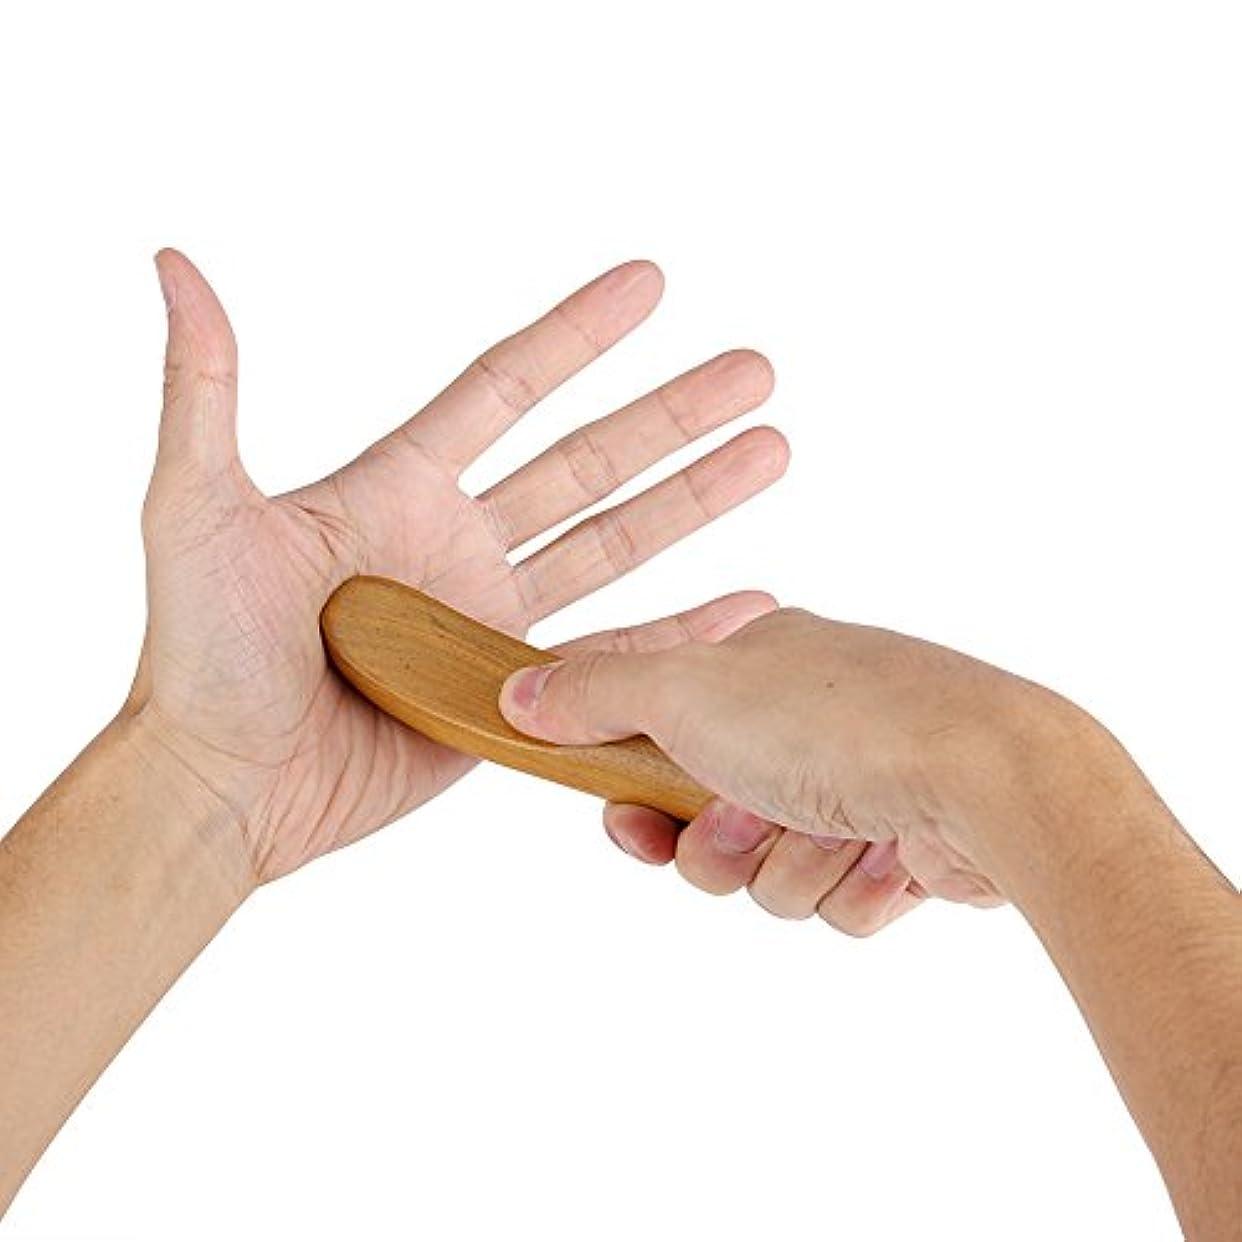 遺伝的系統的陸軍香りのよい木指圧ポイント子午線掻き寄せスティックミニフィンガーバックボディマッサージャー